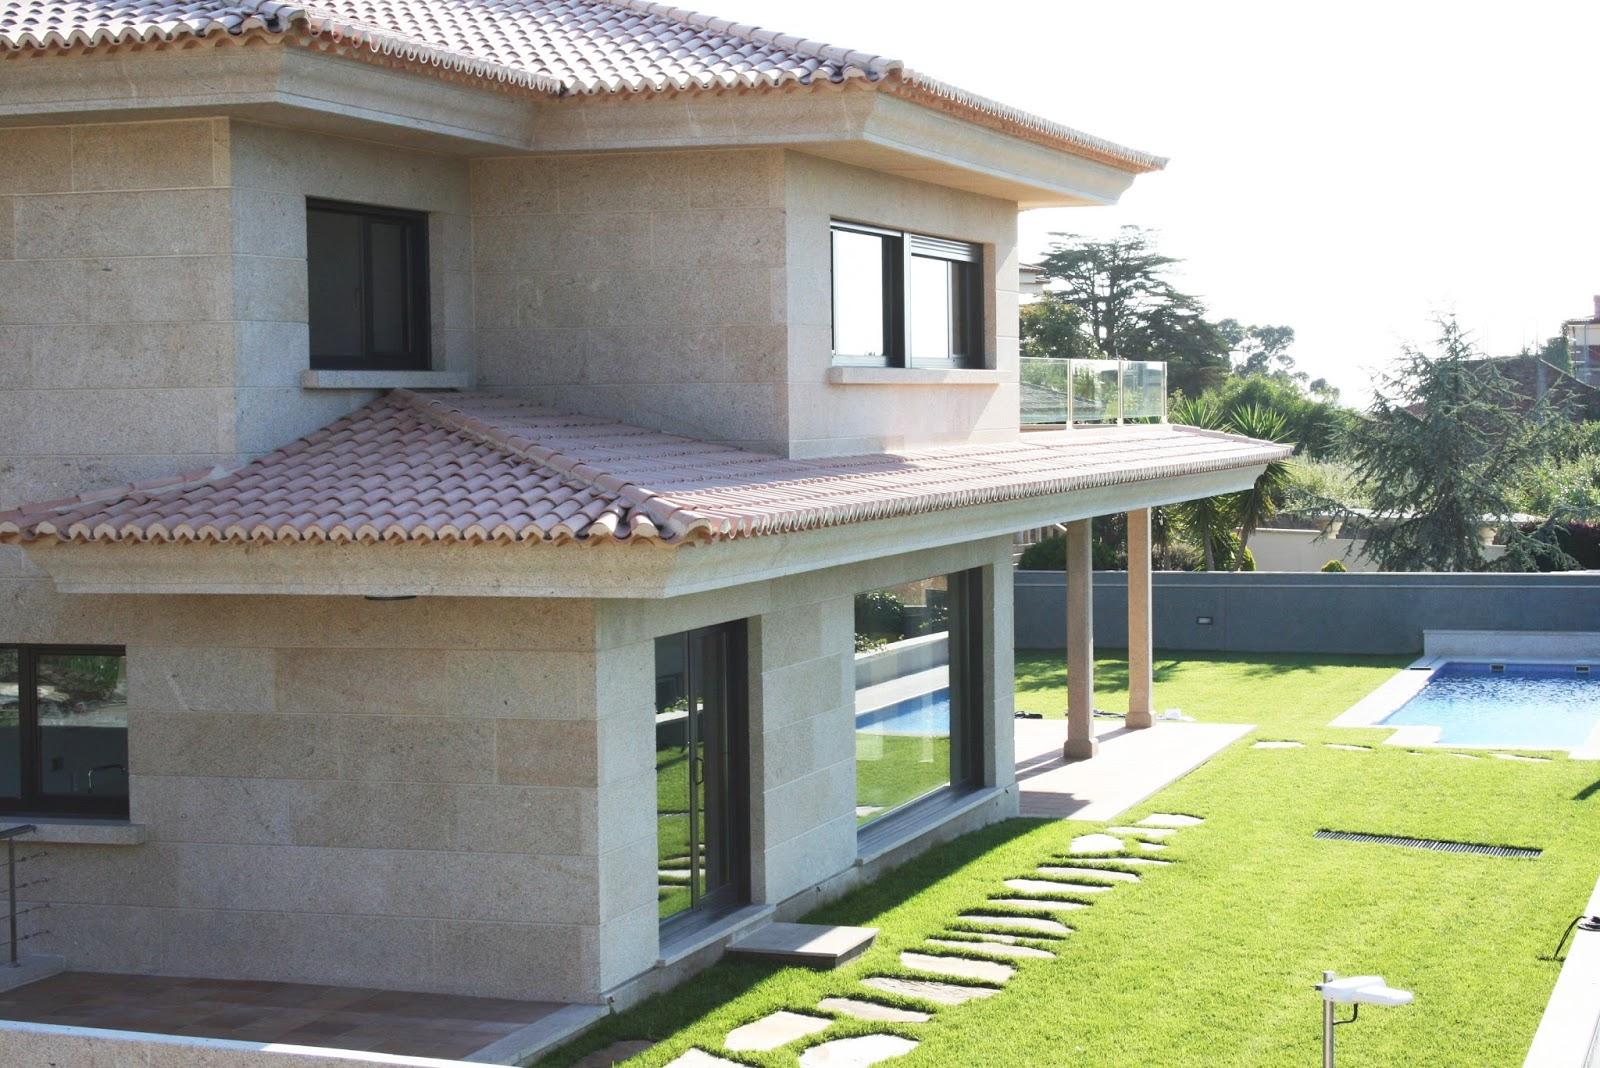 C s arquitectura casa cabo estay - Valor de una casa ...